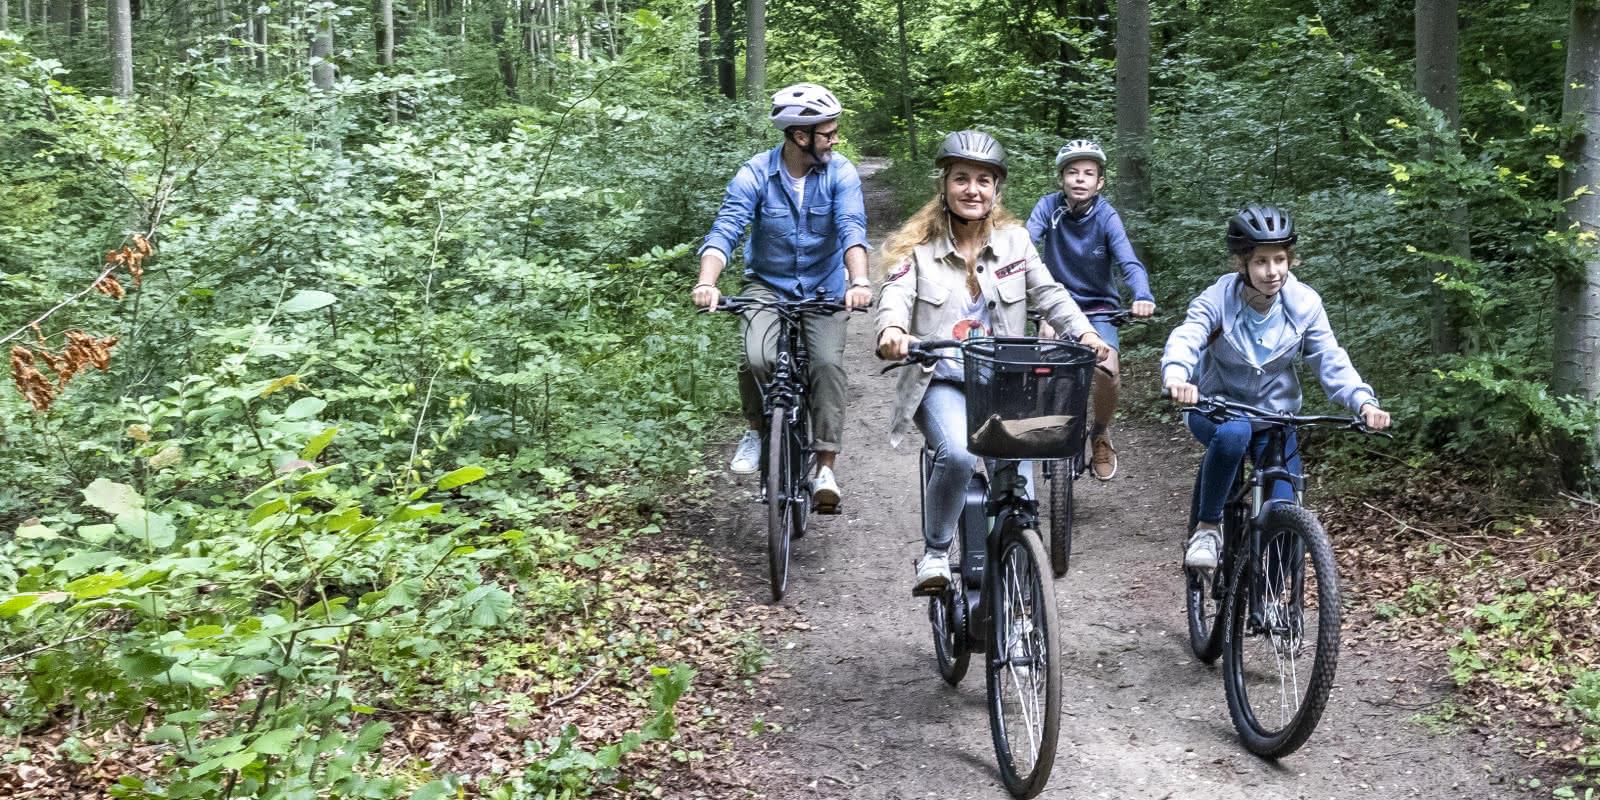 Famille en balade à vélo dans la forêt